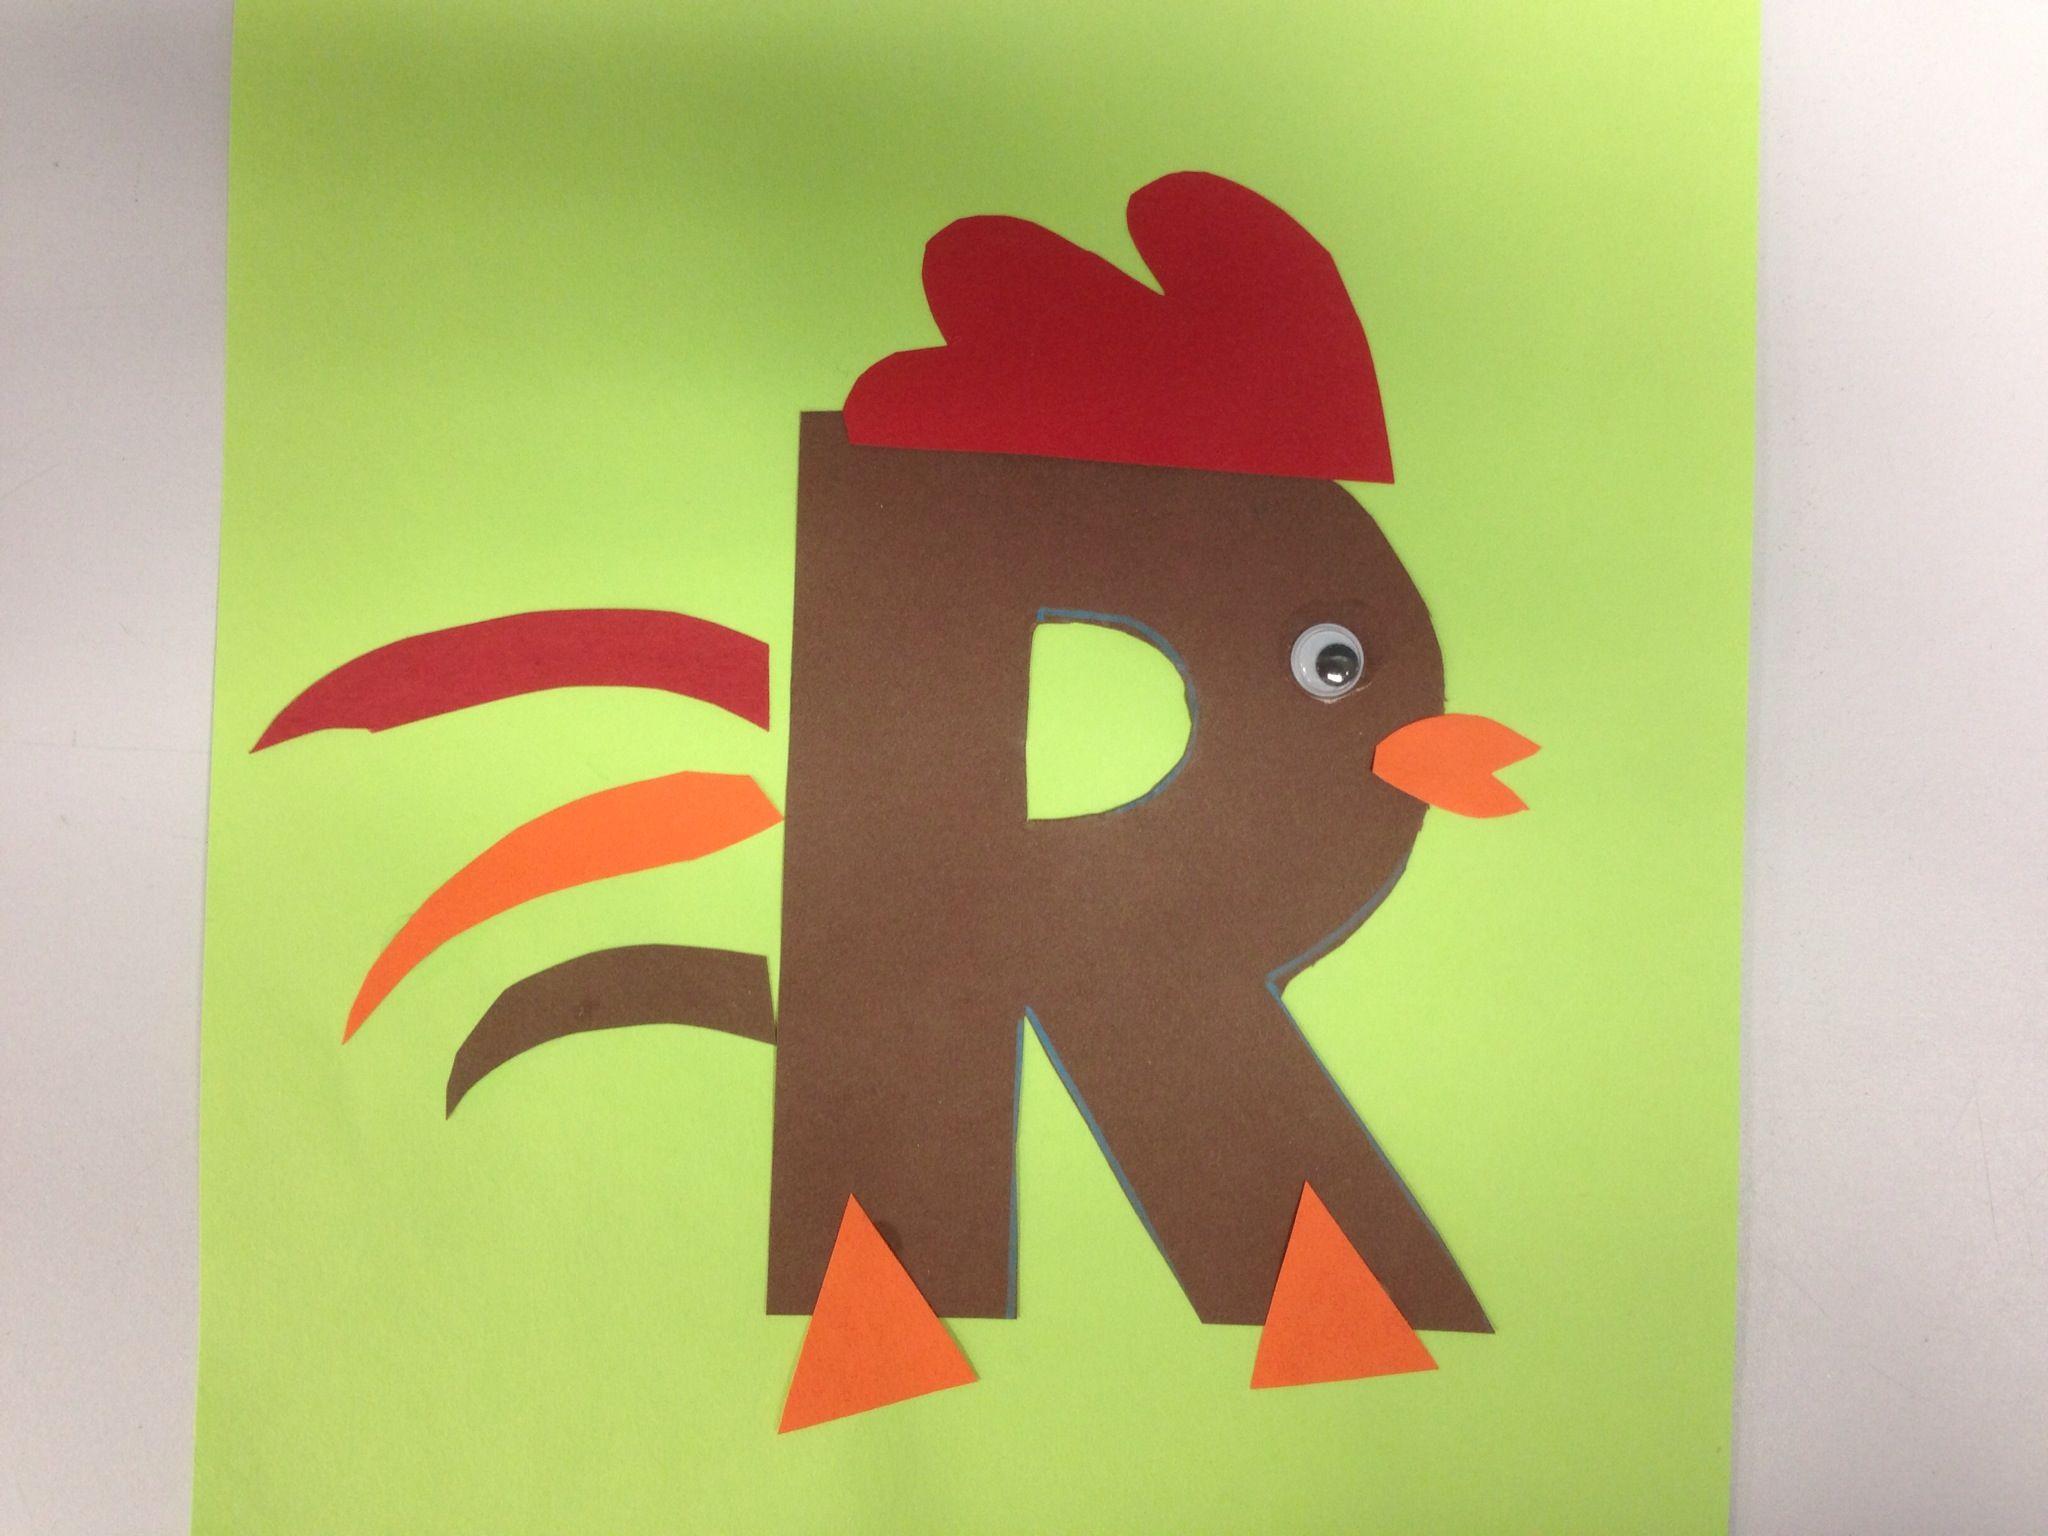 Letter Crafts Preschoolers - Preschool And Kindergarten Activities Kids